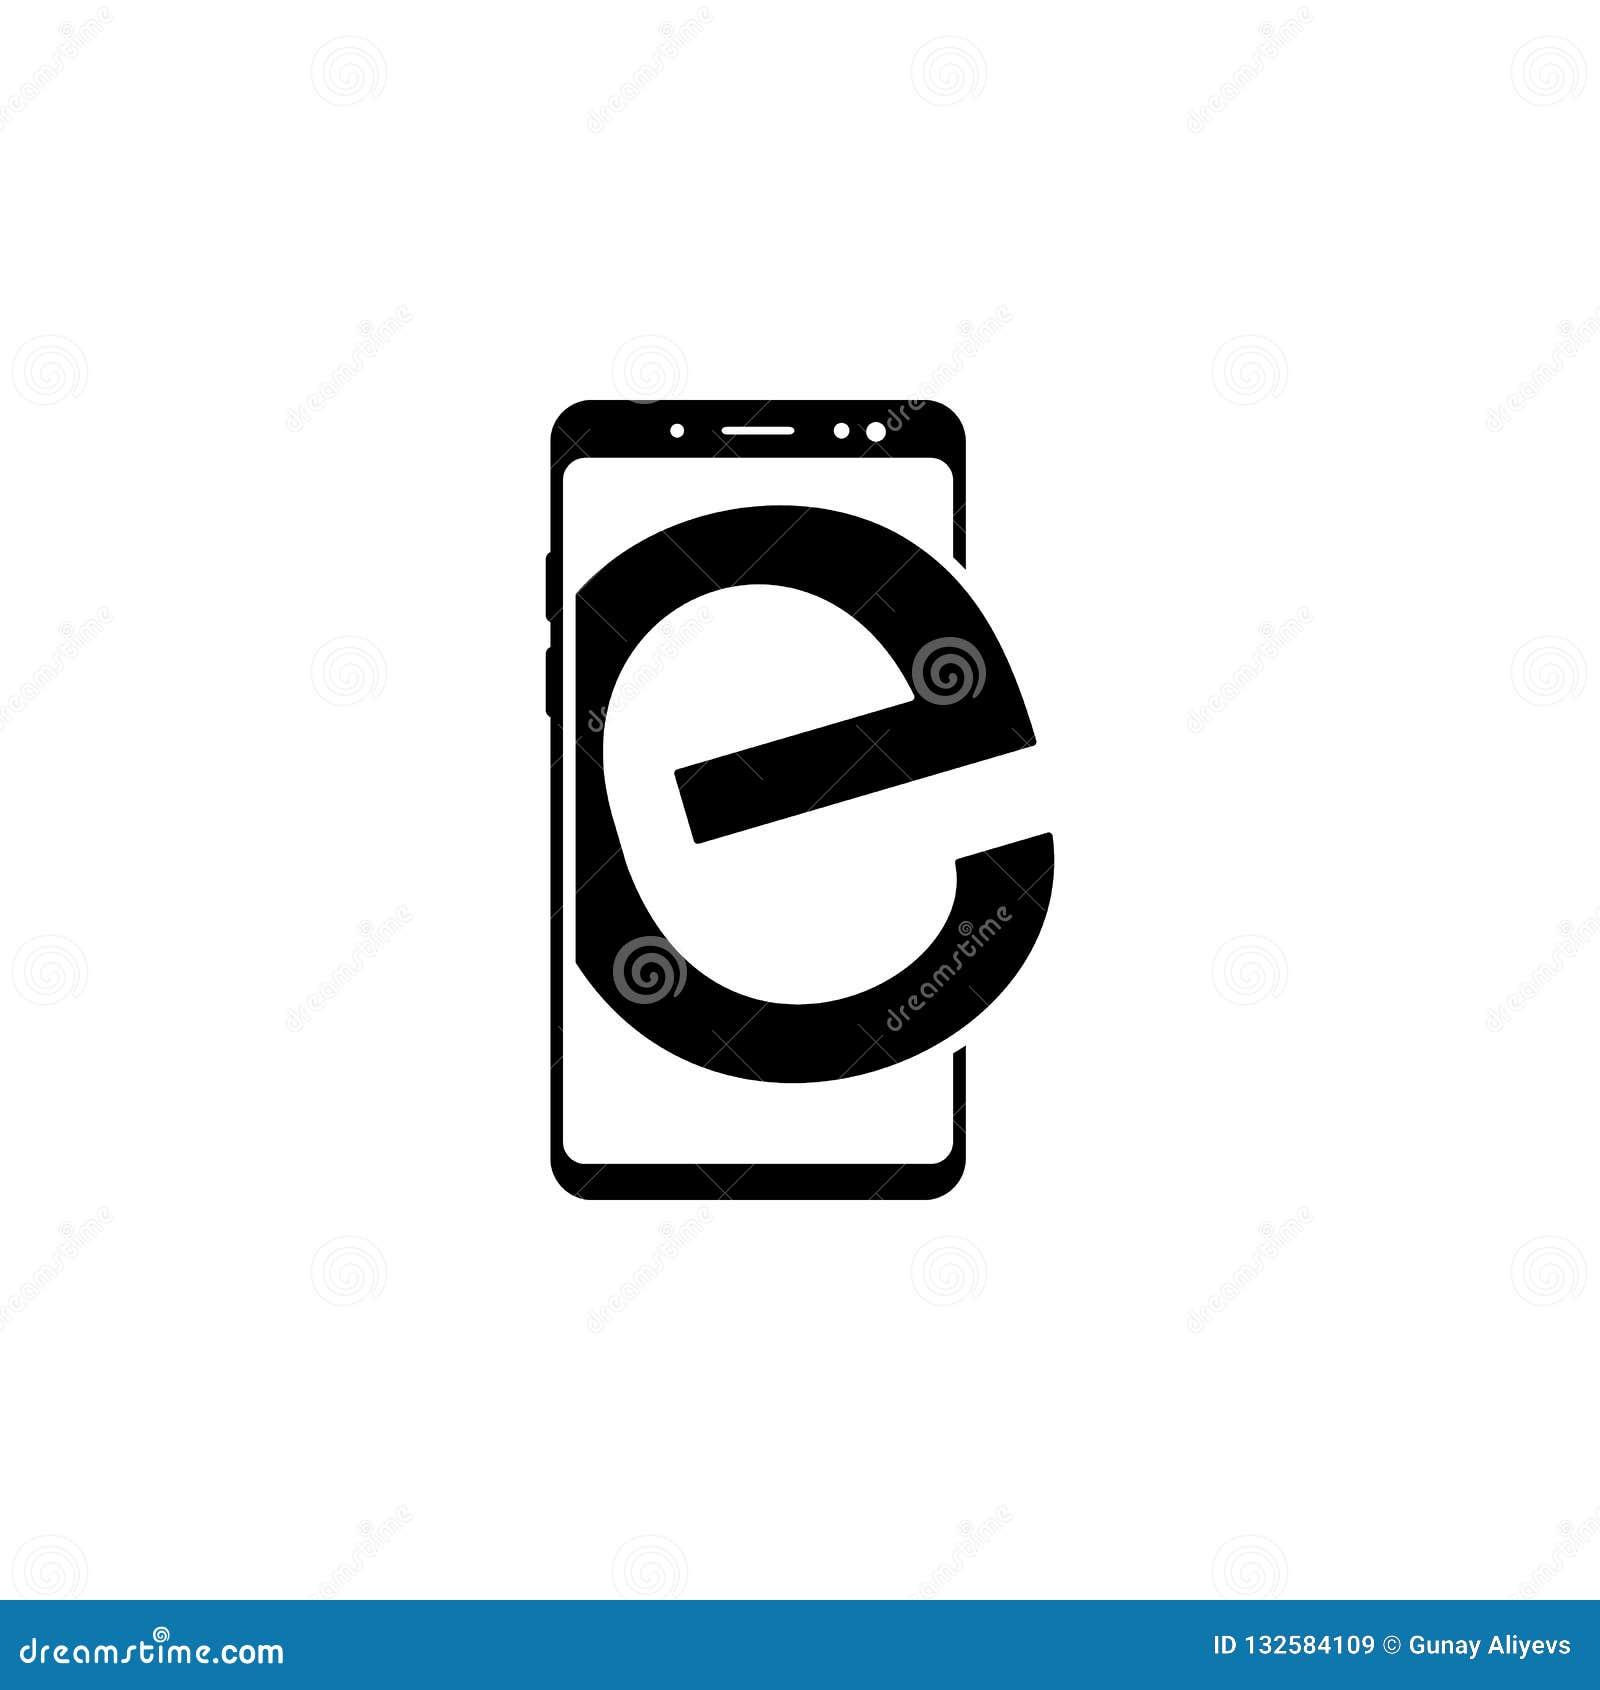 Smartphone, icono del vector del navegador de Internet para las páginas web y diseño plano minimalistic móvil